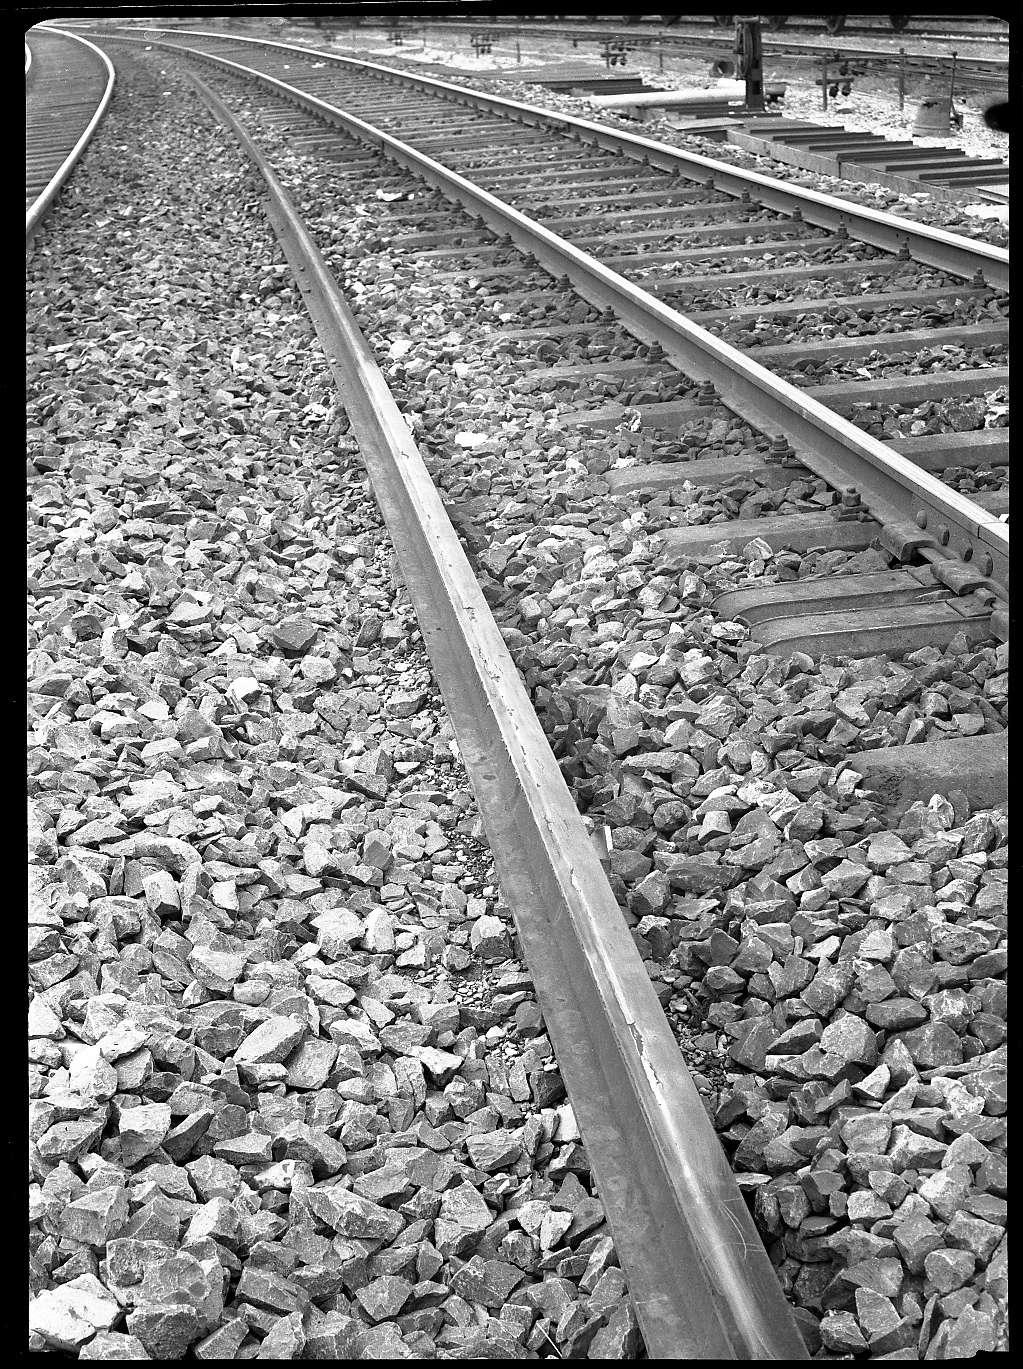 Tamm, beschädigte Schienen bei Tamm, Abb. a